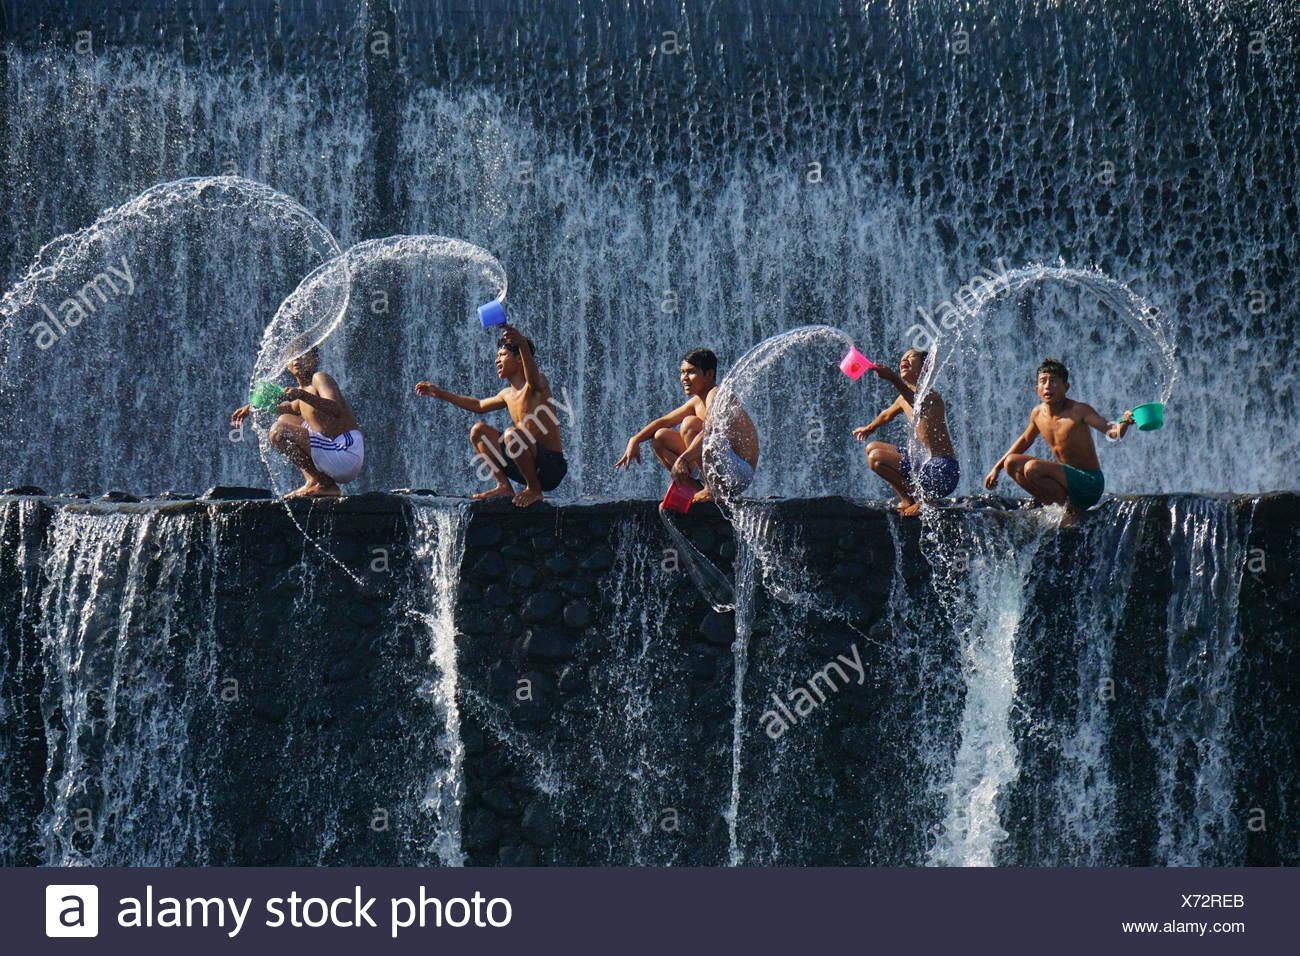 Five children splashing water, Tukad Unda Dam, Bali, Indonesia - Stock Image